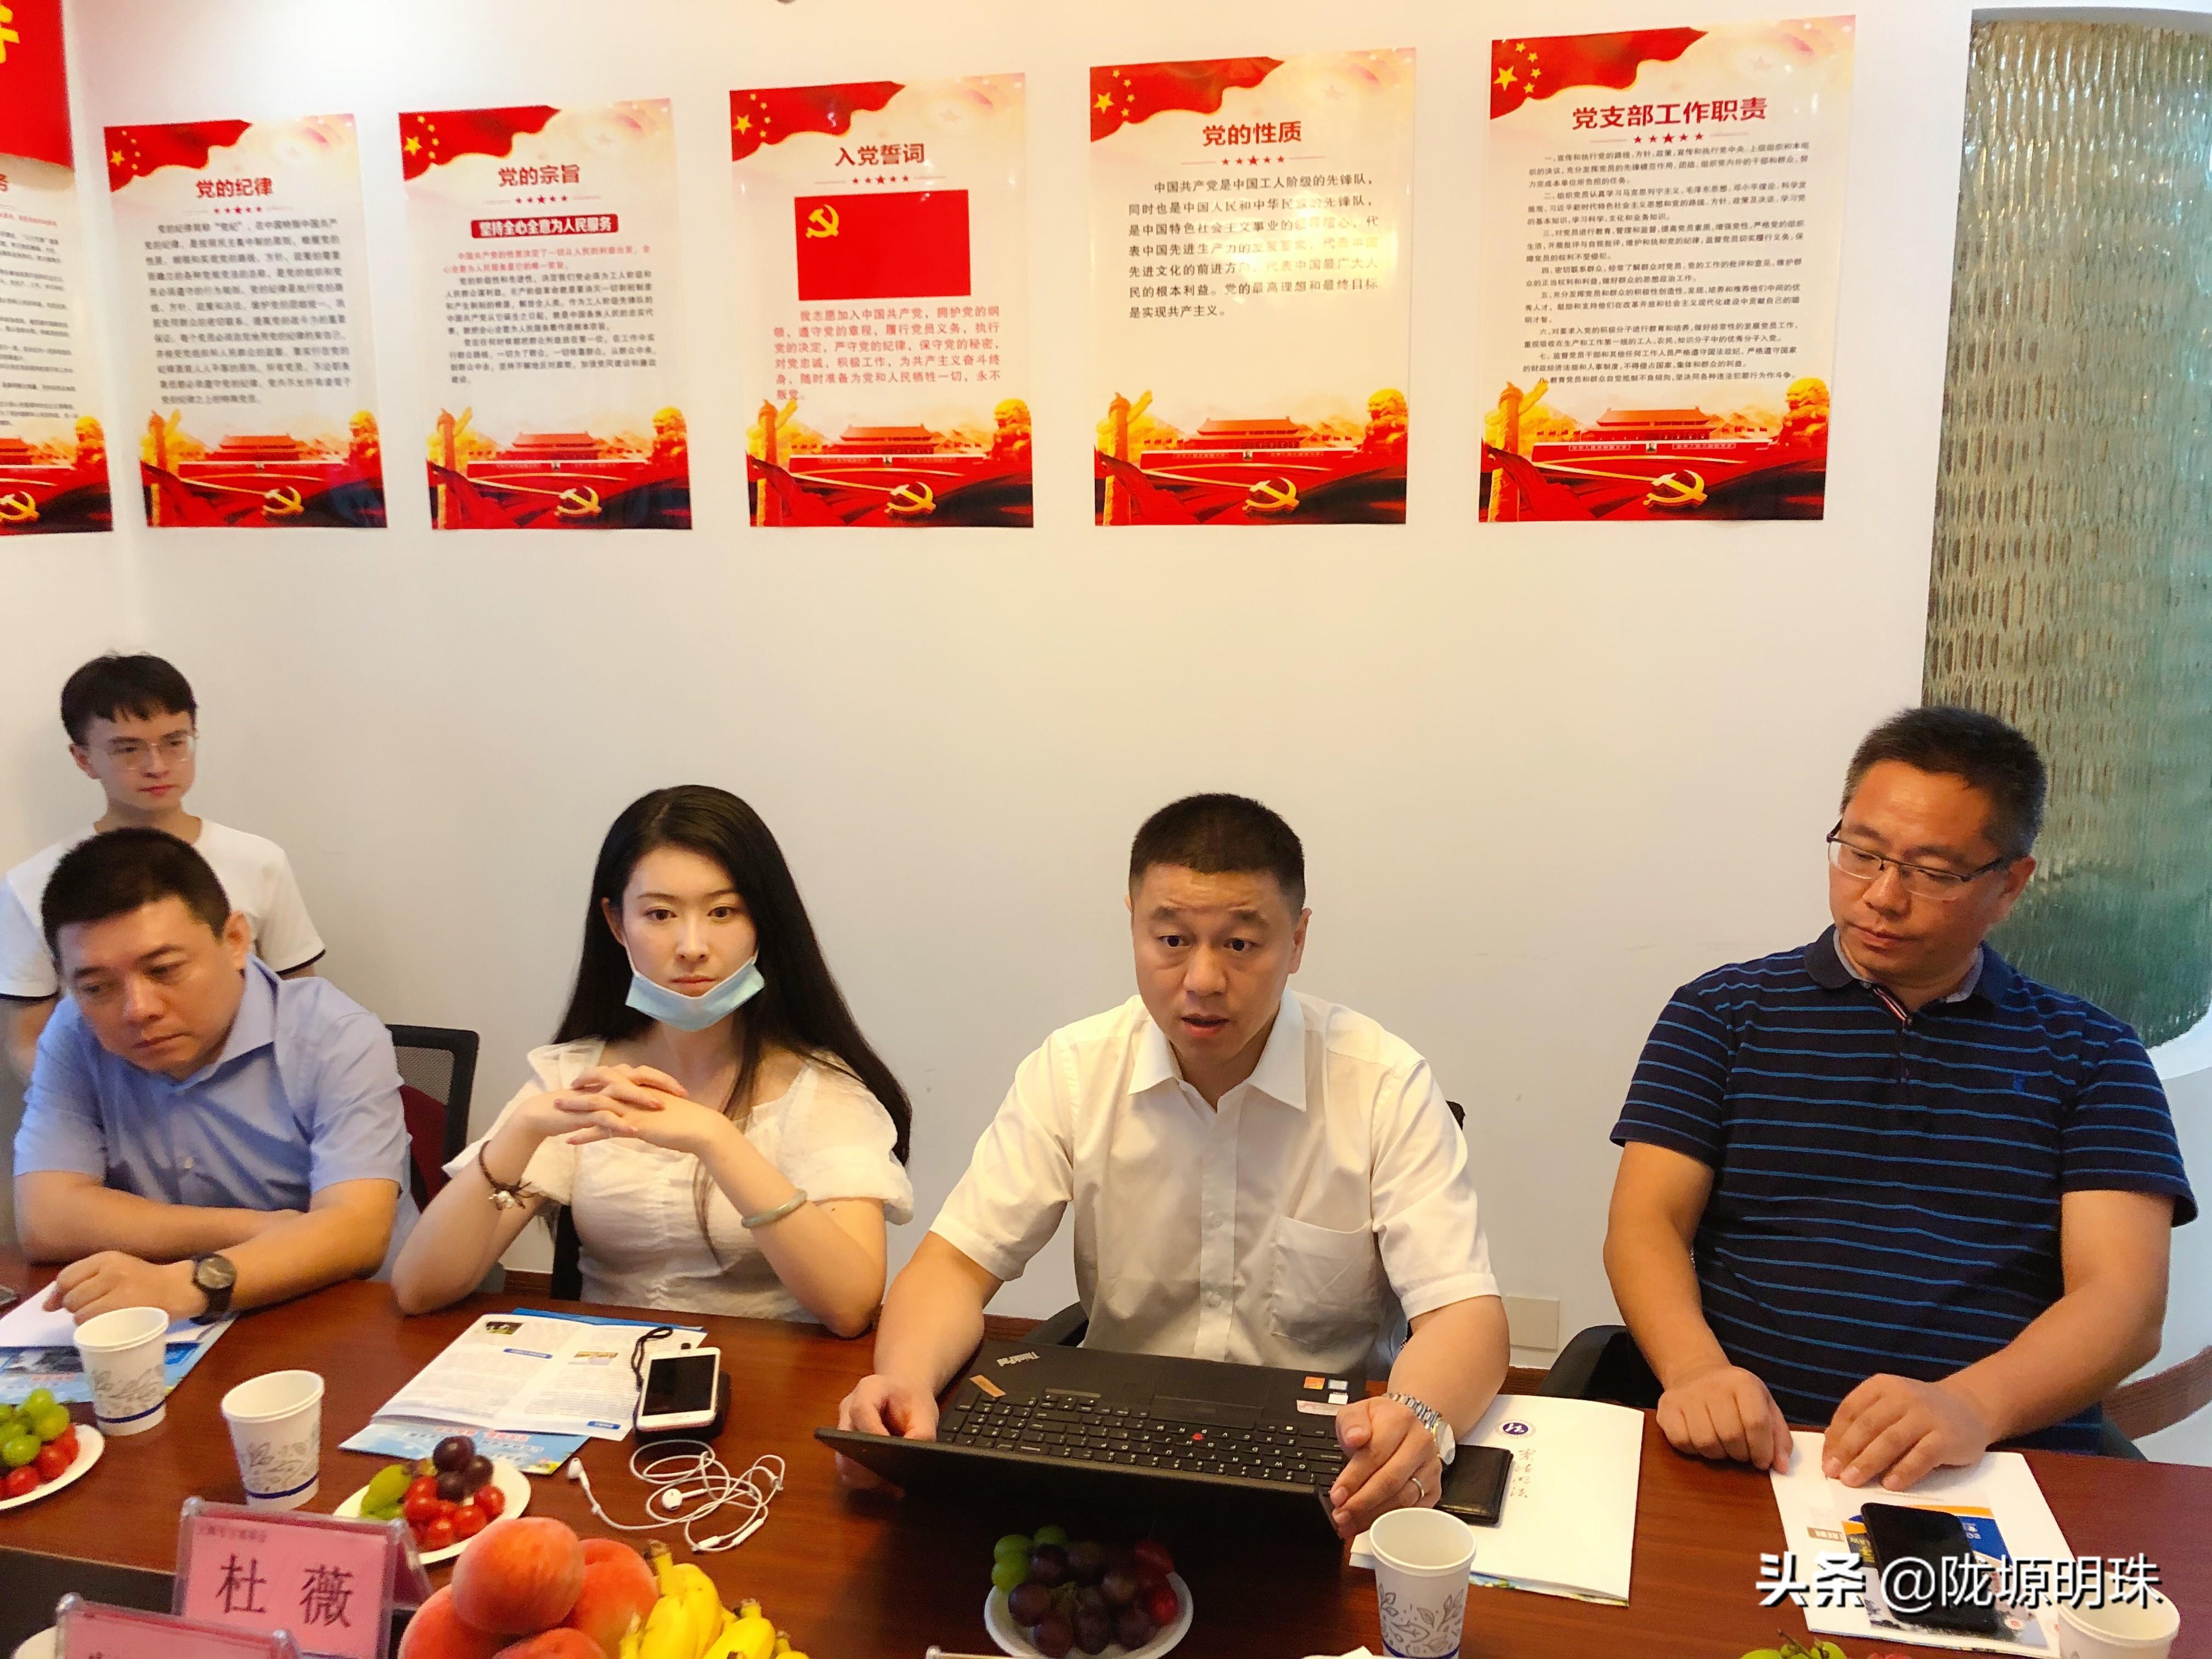 甘肃政法大学校长李玉基带队到访商会开展毕业生就业安置工作交流